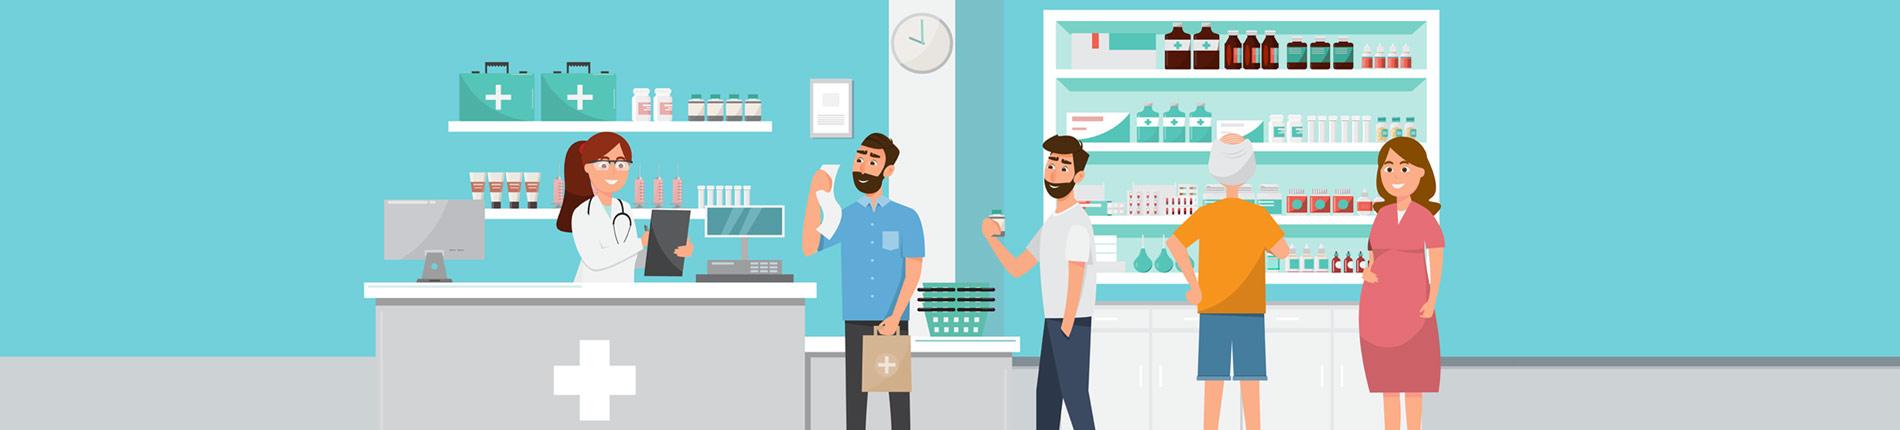 Alltag als PTA - illustriert in einer Apotheke